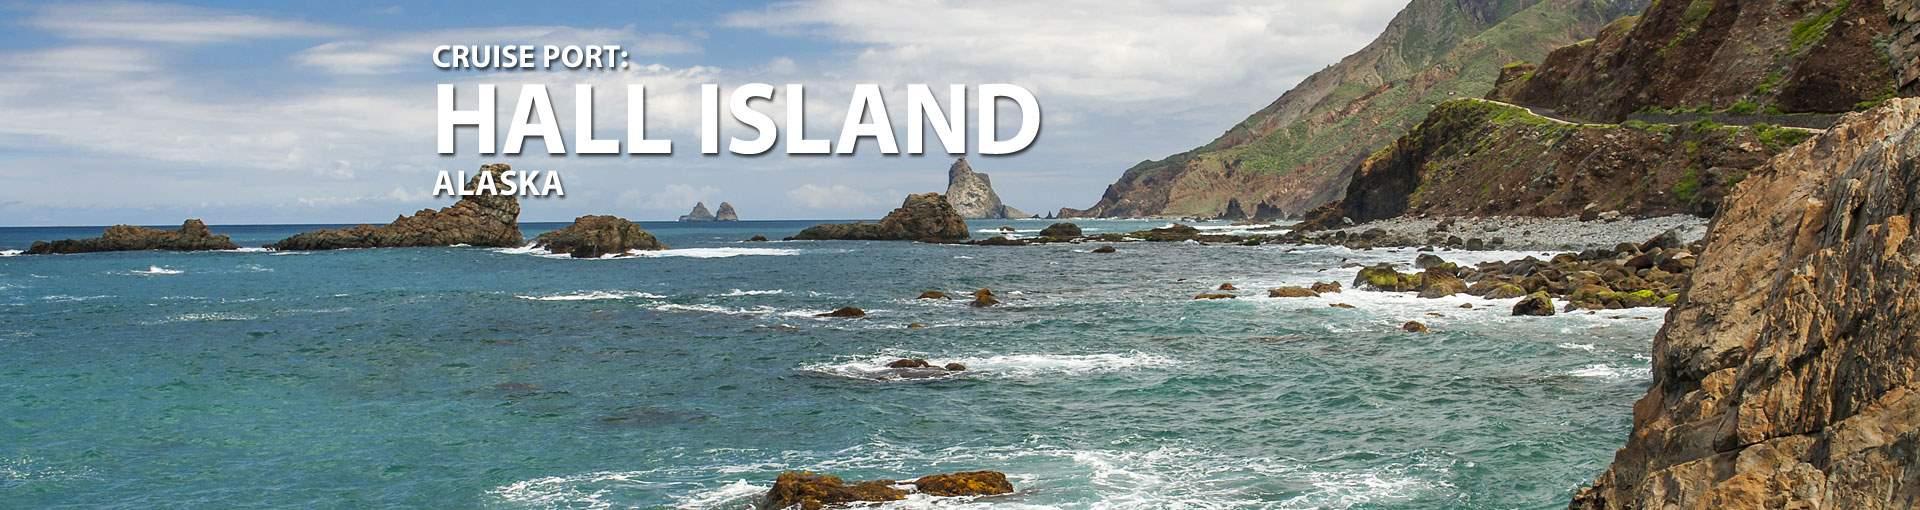 Cruises to Hall Island, Alaska